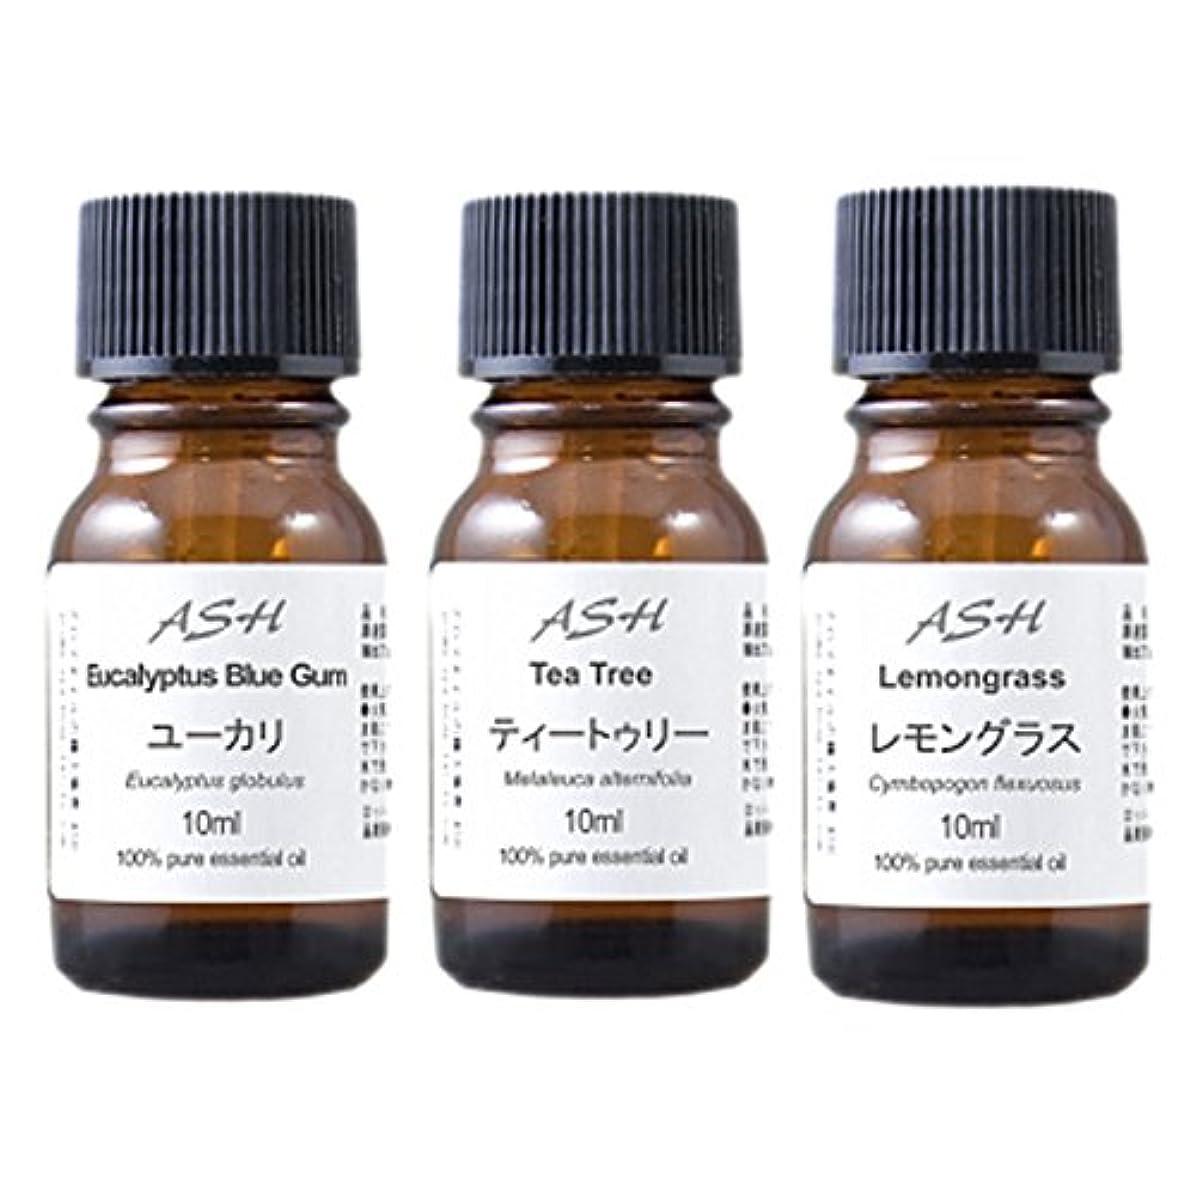 啓発するおばあさん最少ASH エッセンシャルオイル 10mlx3本セット【アロマオイル 精油】(ハウスキーピンク)ティートゥリー(ティーツリー) ユーカリ レモングラス AEAJ表示基準適合認定精油